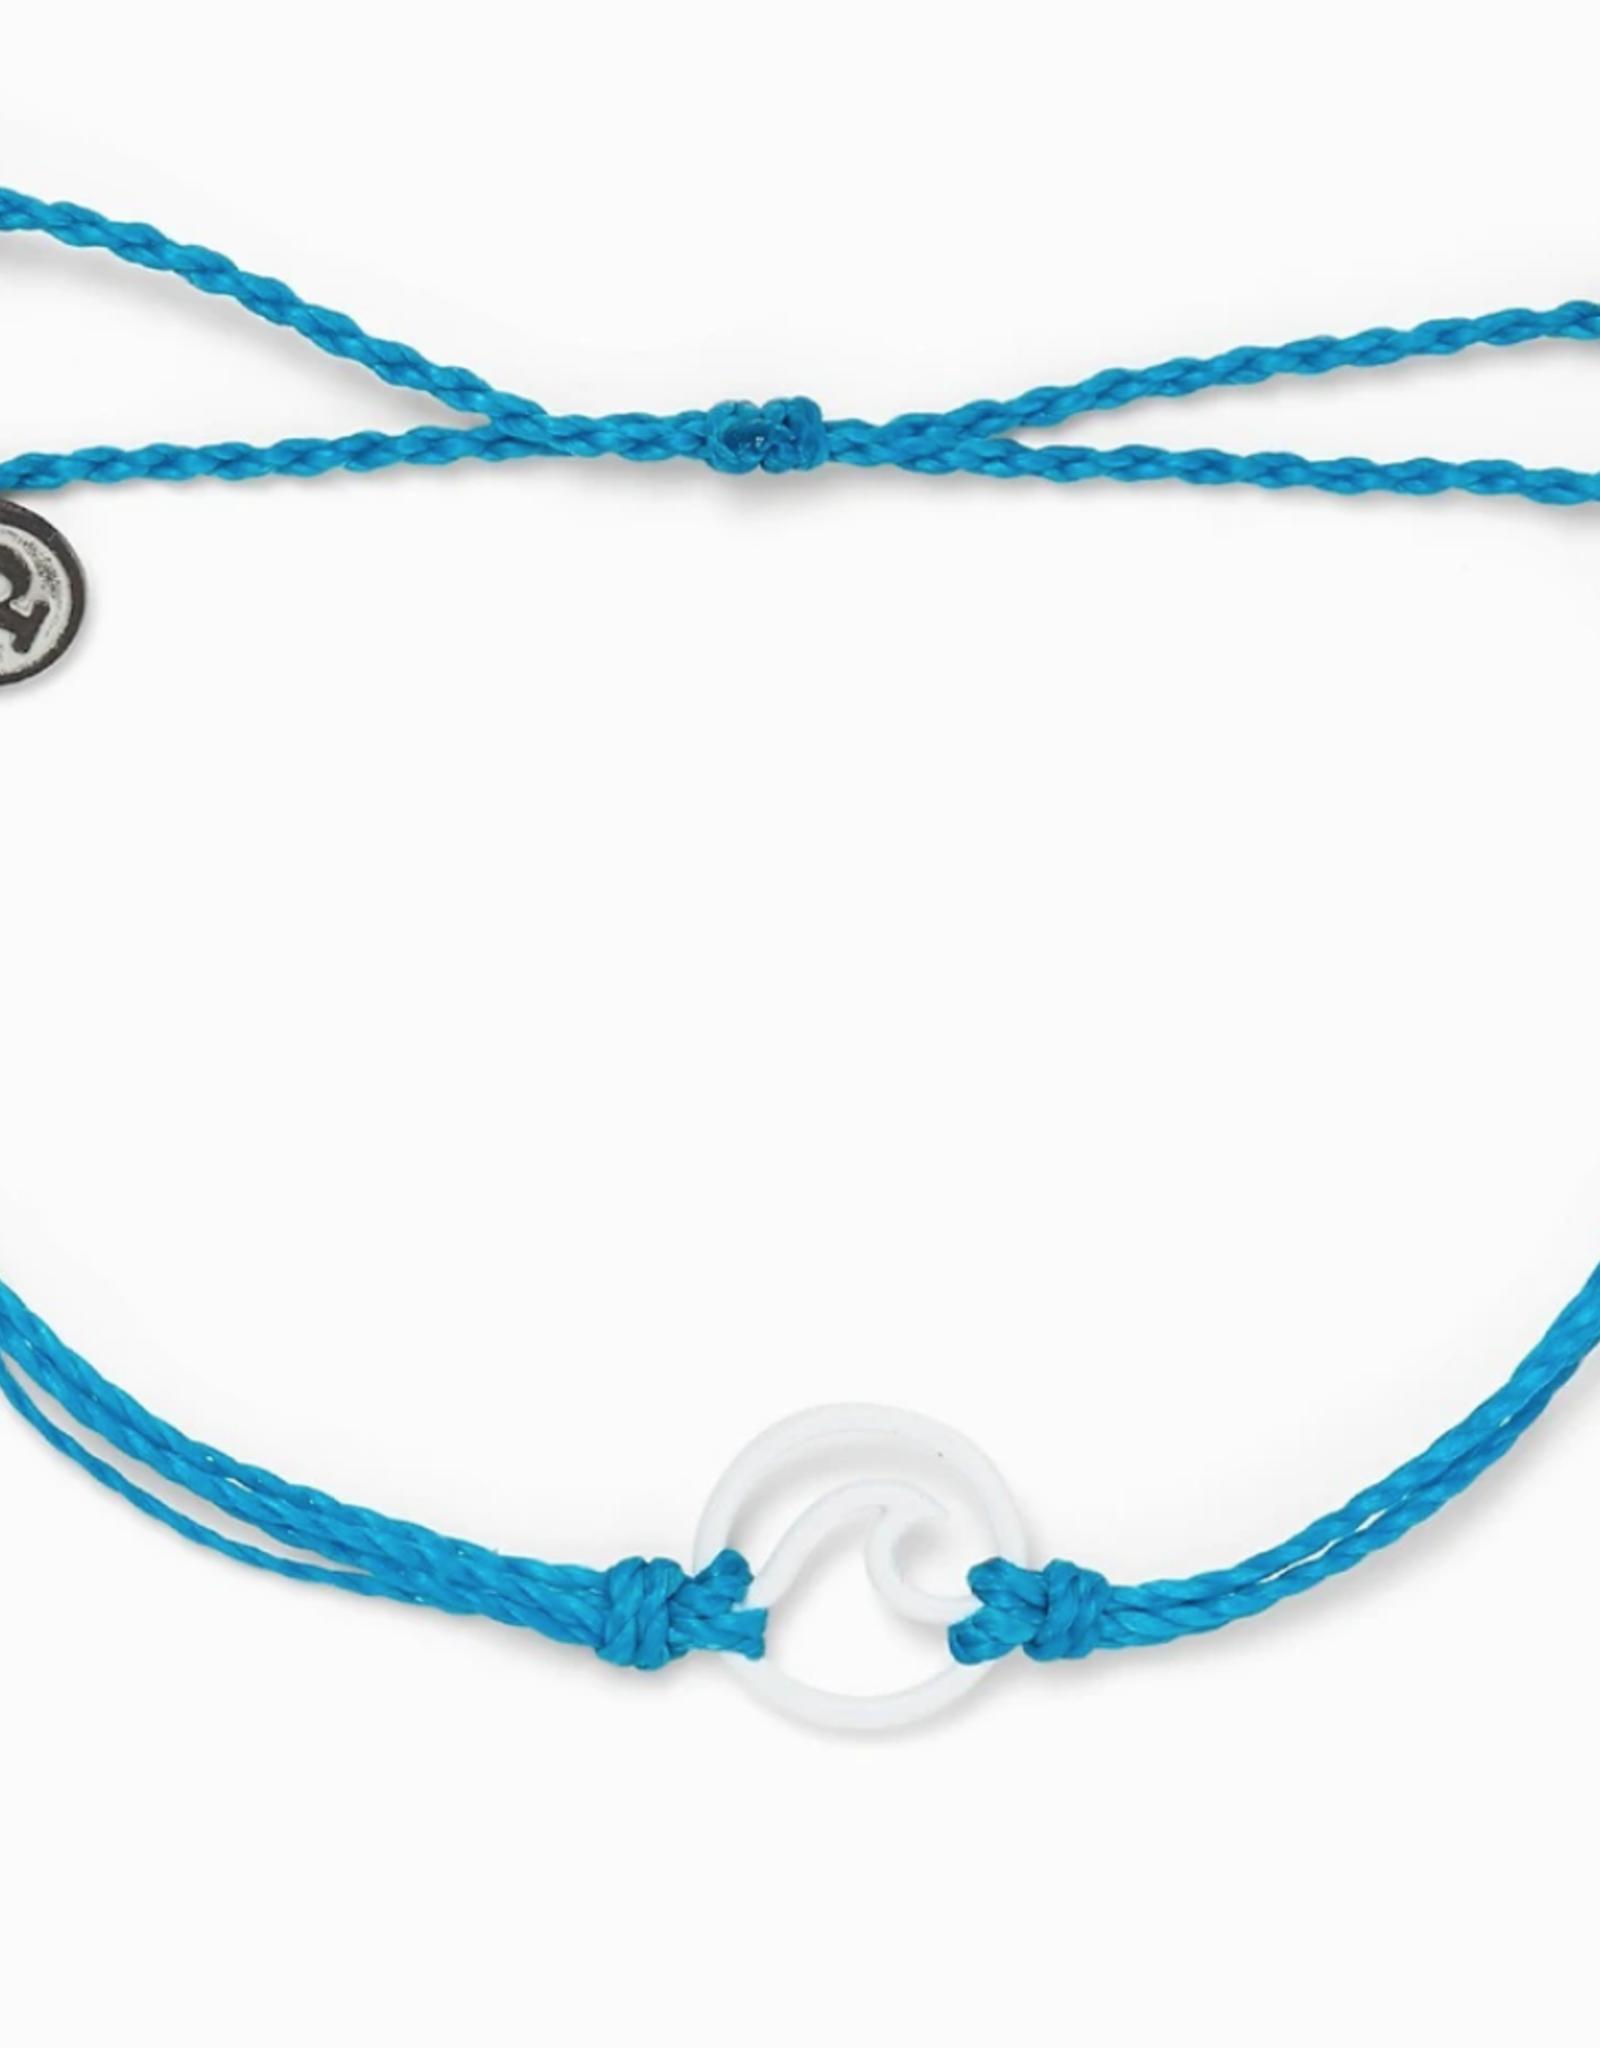 Pura Vida Pura Vida - Charm Bracelet Enamel Wave - Neon Blue